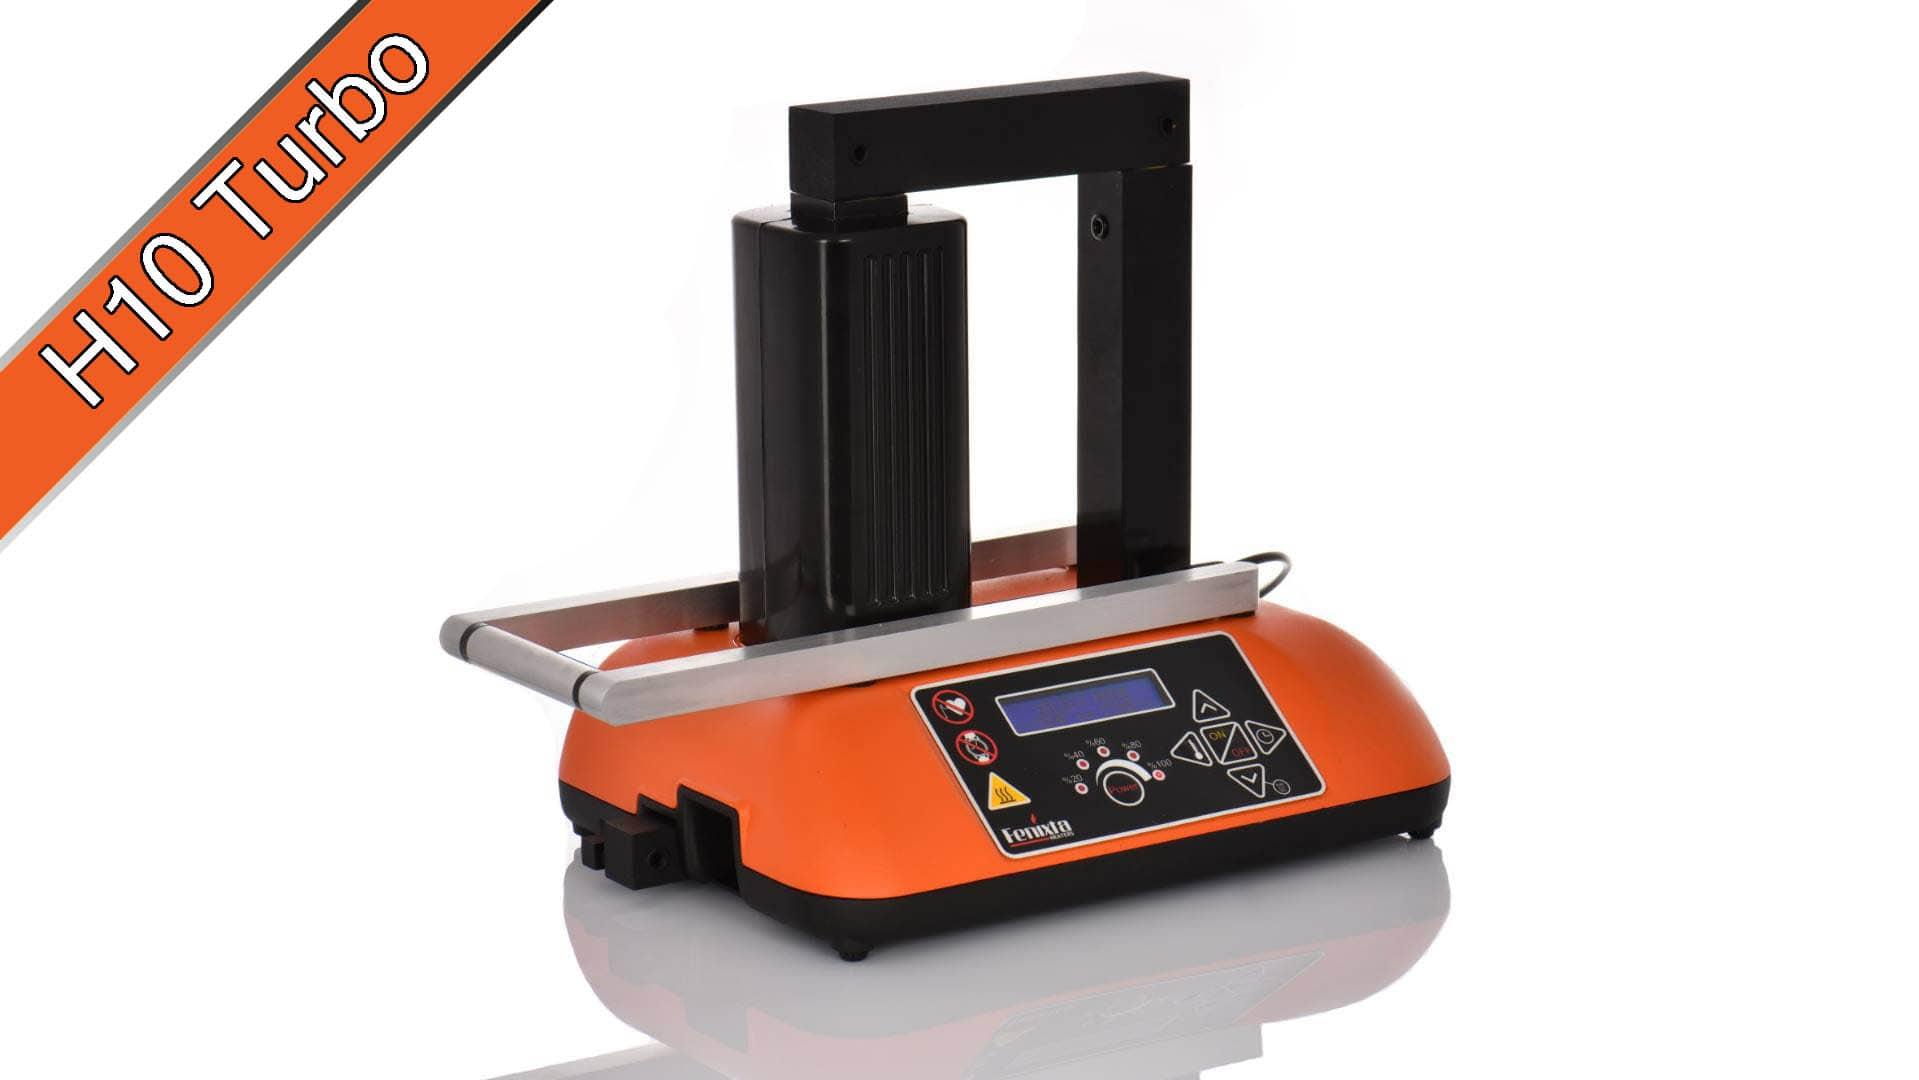 Fenixta H10 turbo rulman ısıtma cihazı (Carousel)